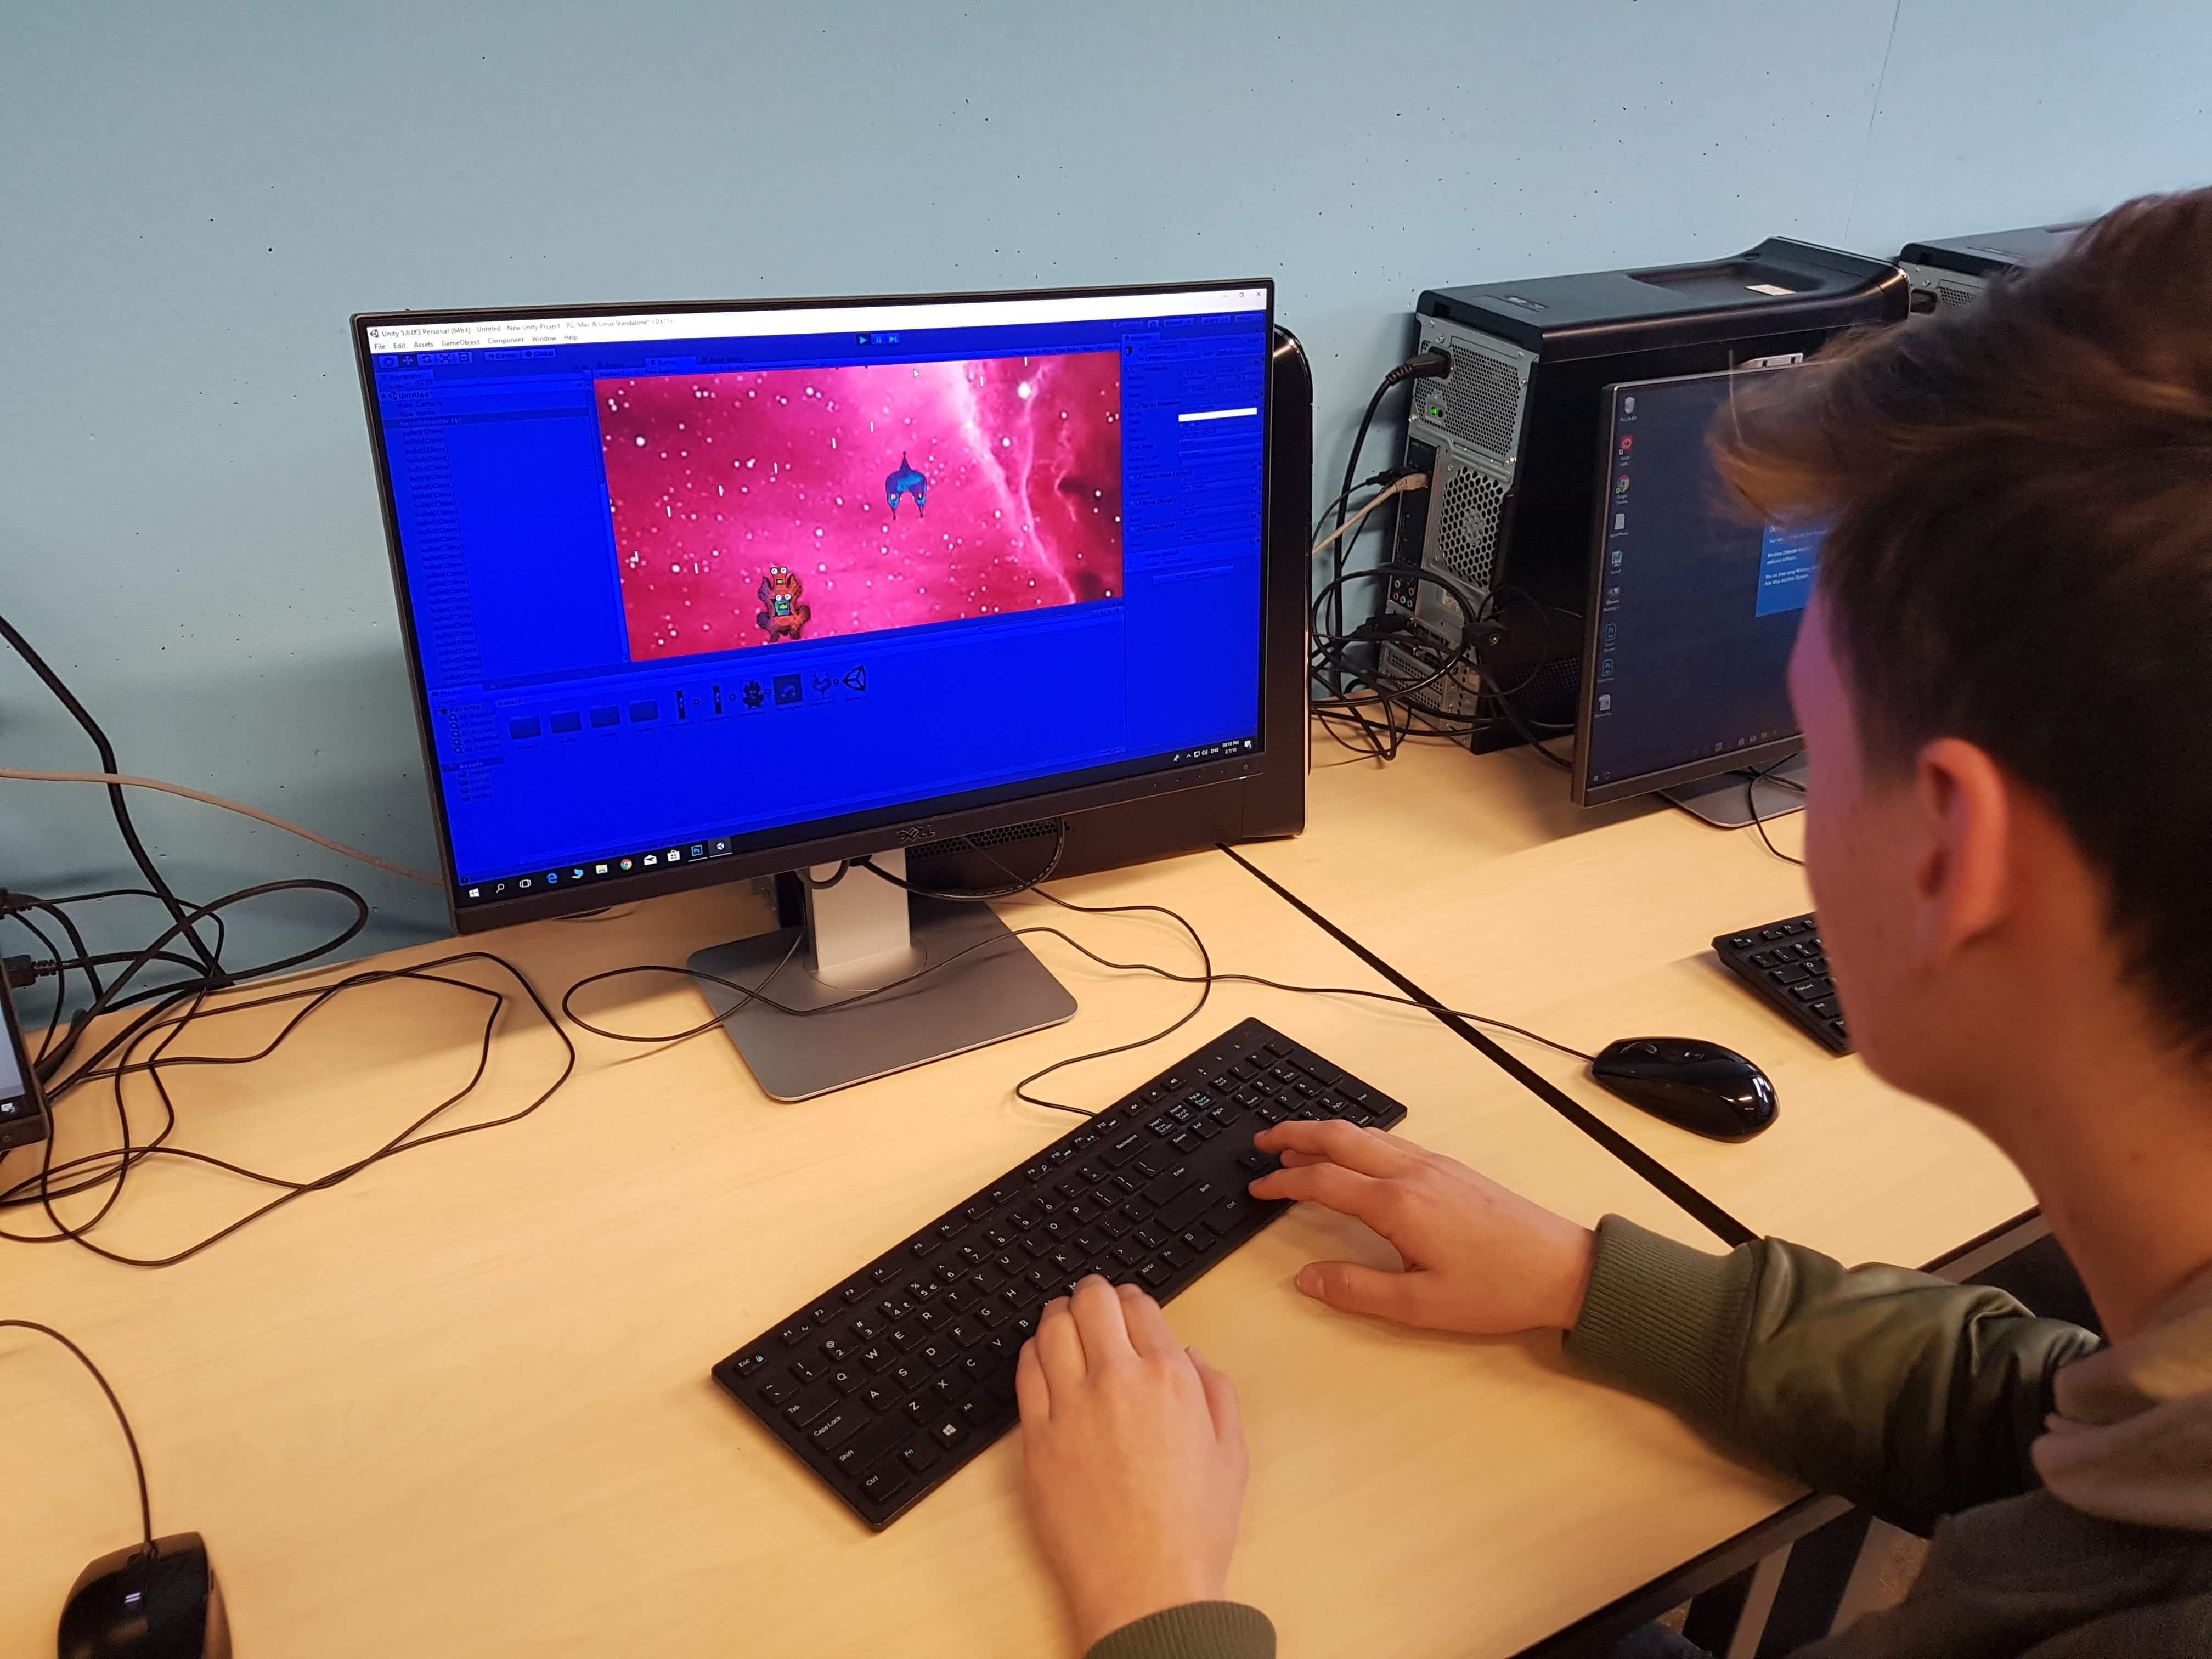 Gamedesign Op Friese Poort In Drachten Voor Mvi Nieuws